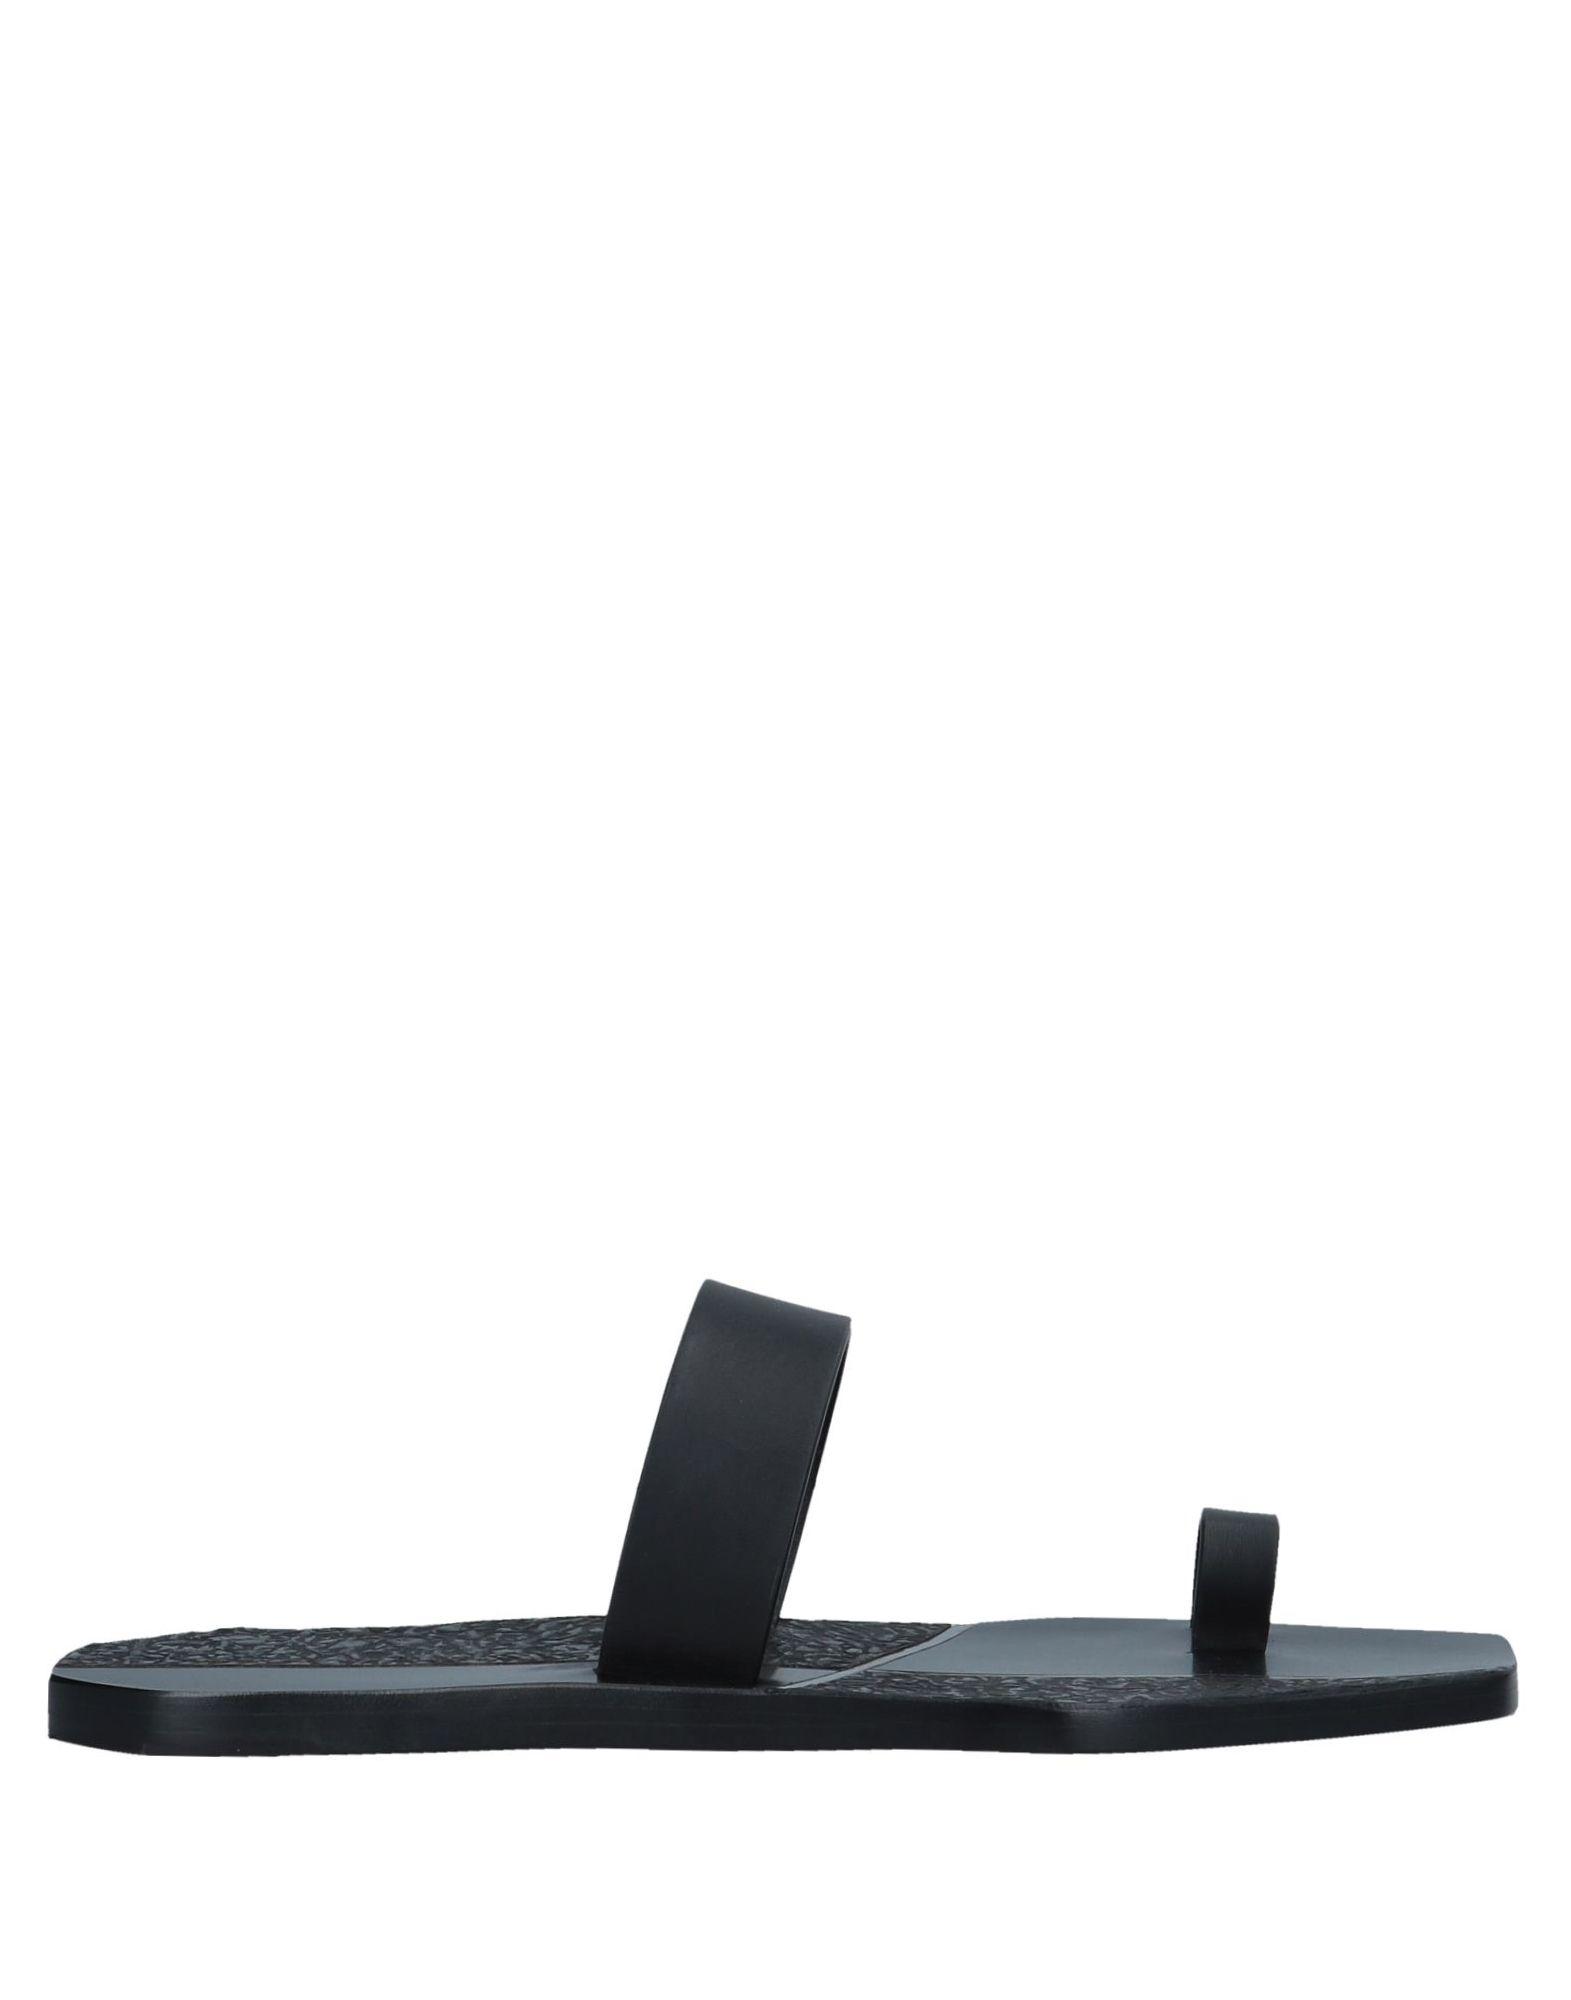 Rick Owens Gute Dianetten Herren  11549880BX Gute Owens Qualität beliebte Schuhe abe330